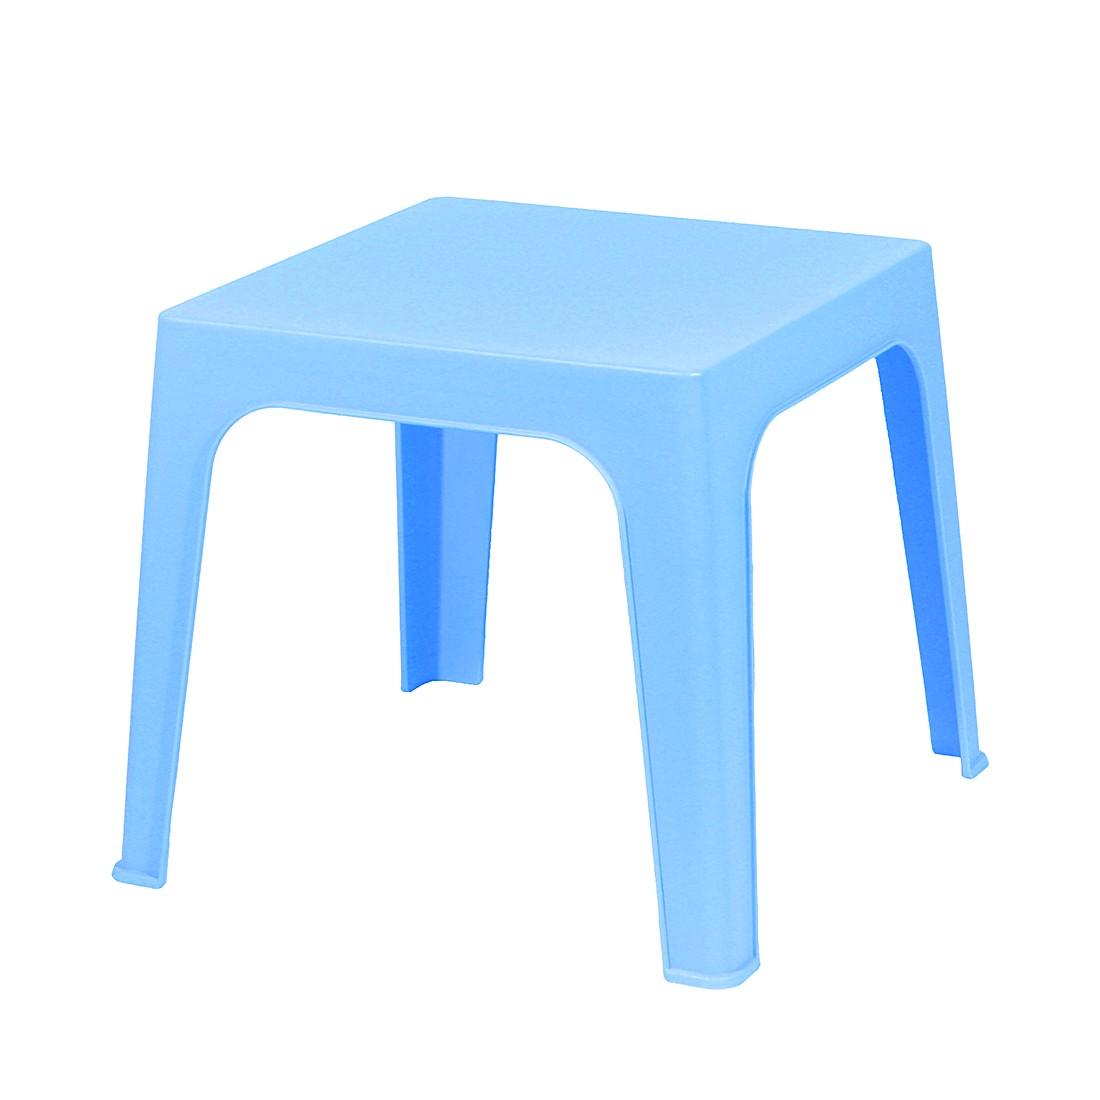 Home 24 - Table d enfant julieta - matériau synthétique - azur, kids club collection